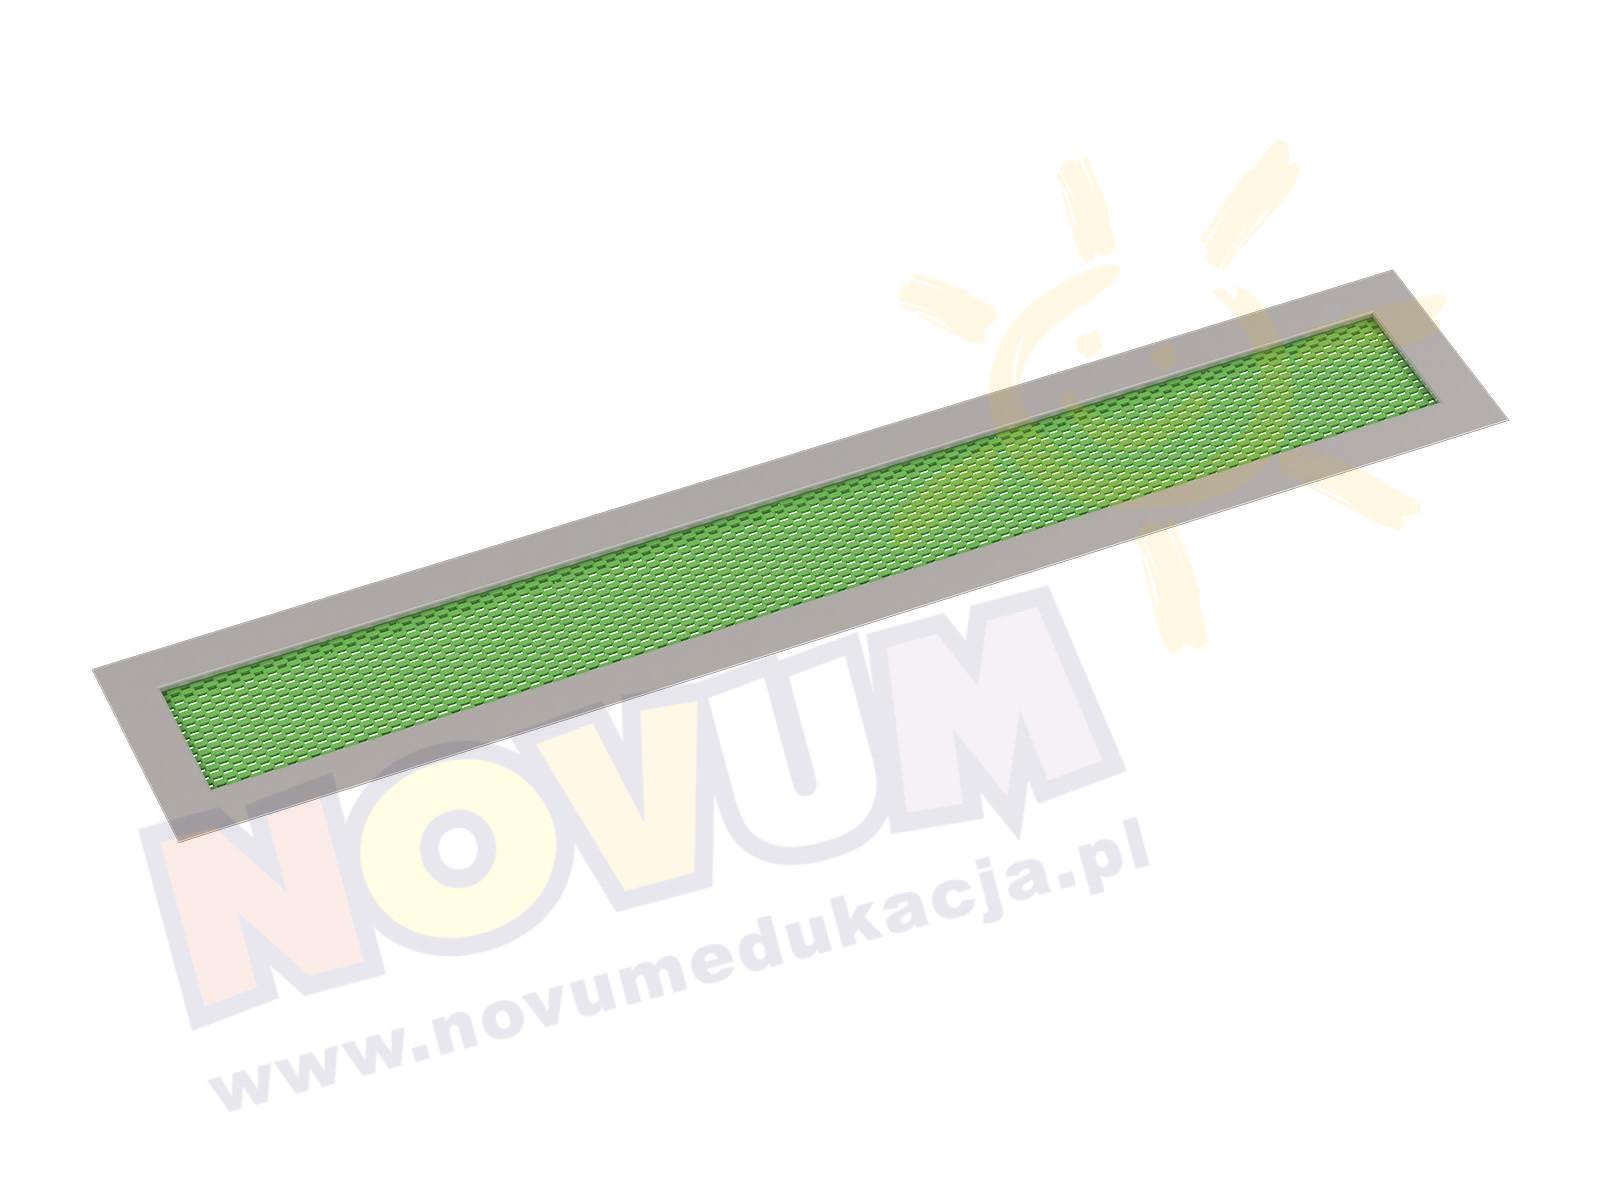 Trampolina maxi